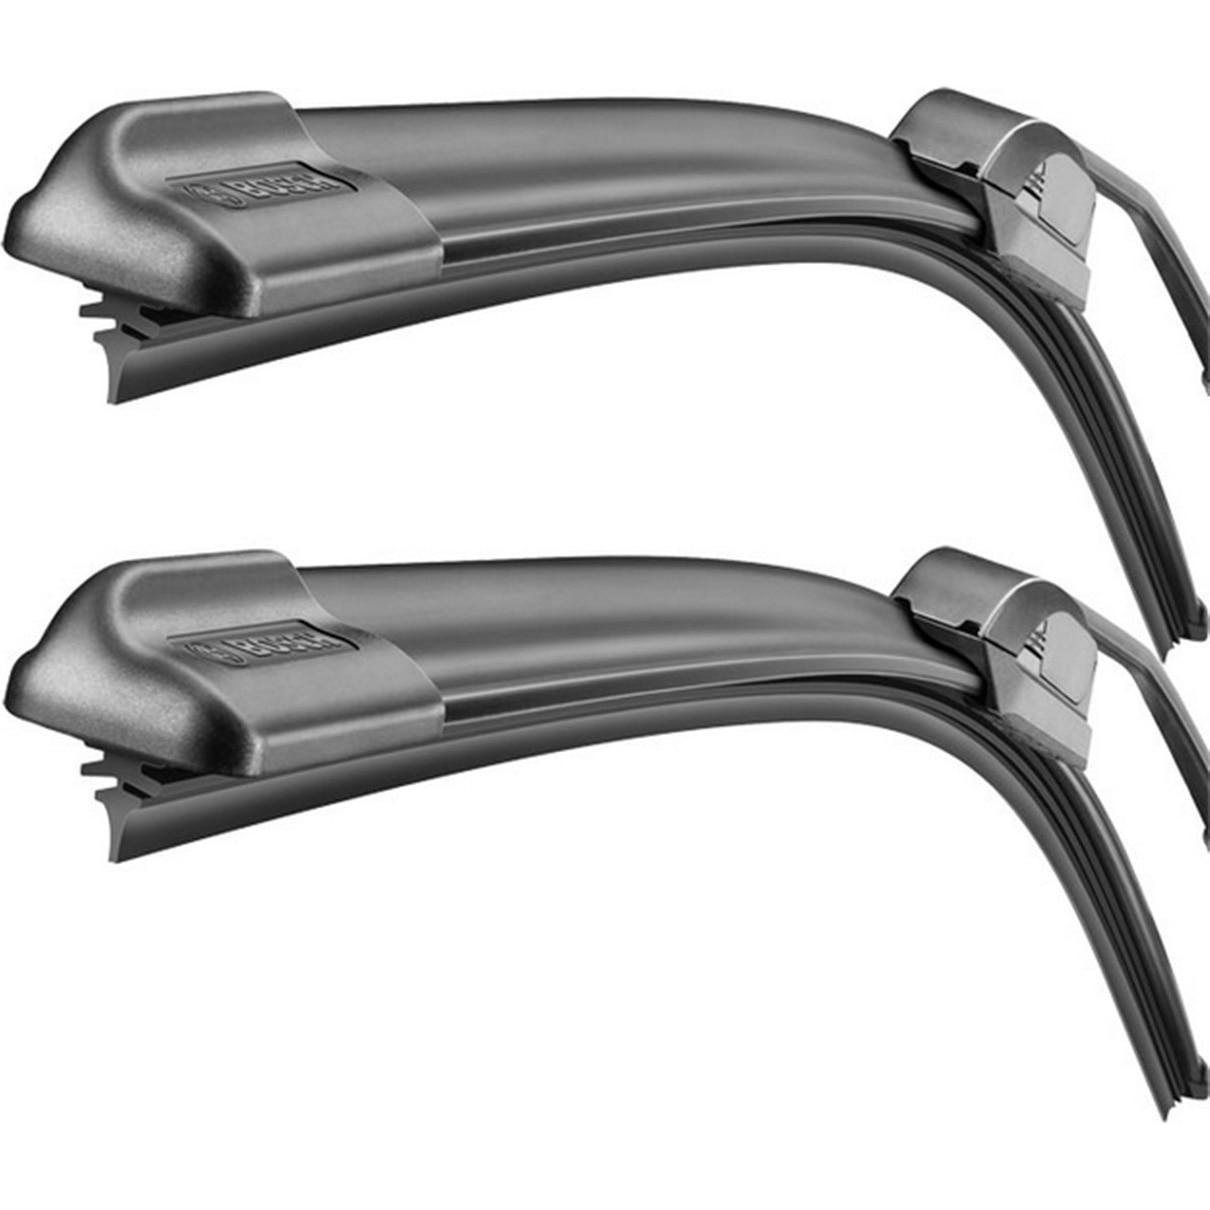 Fotografie Set stergatoare Bosch AeroTwin Retrofit, pentru parbriz 45 cm si 45 cm, pentru prindere clasica (carlig)